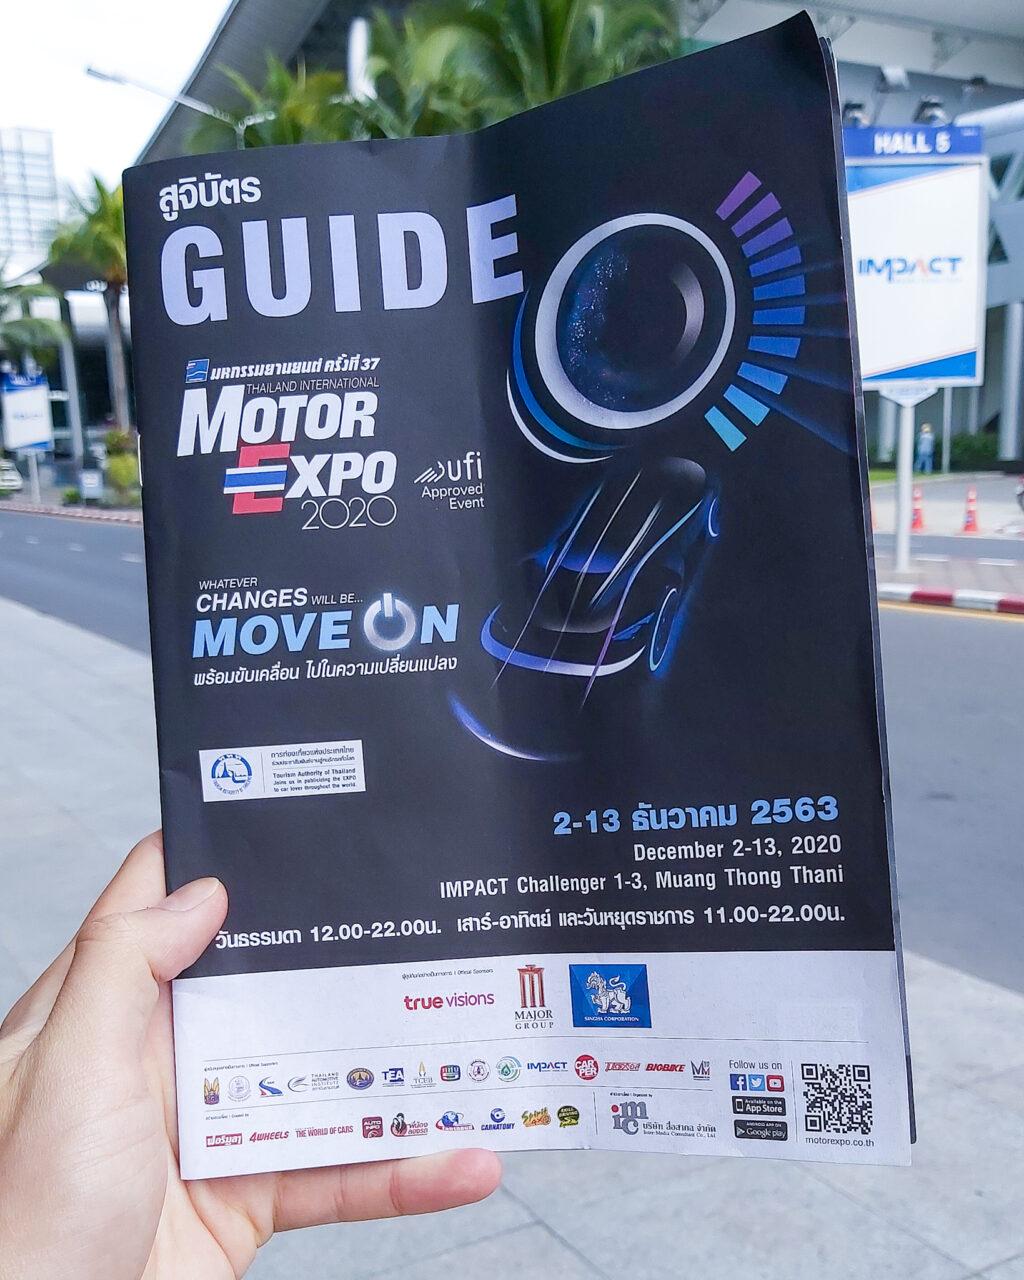 สูจิบัตร ไกด์เข้างาน หนังสือเข้างาน Motor Expo 2020